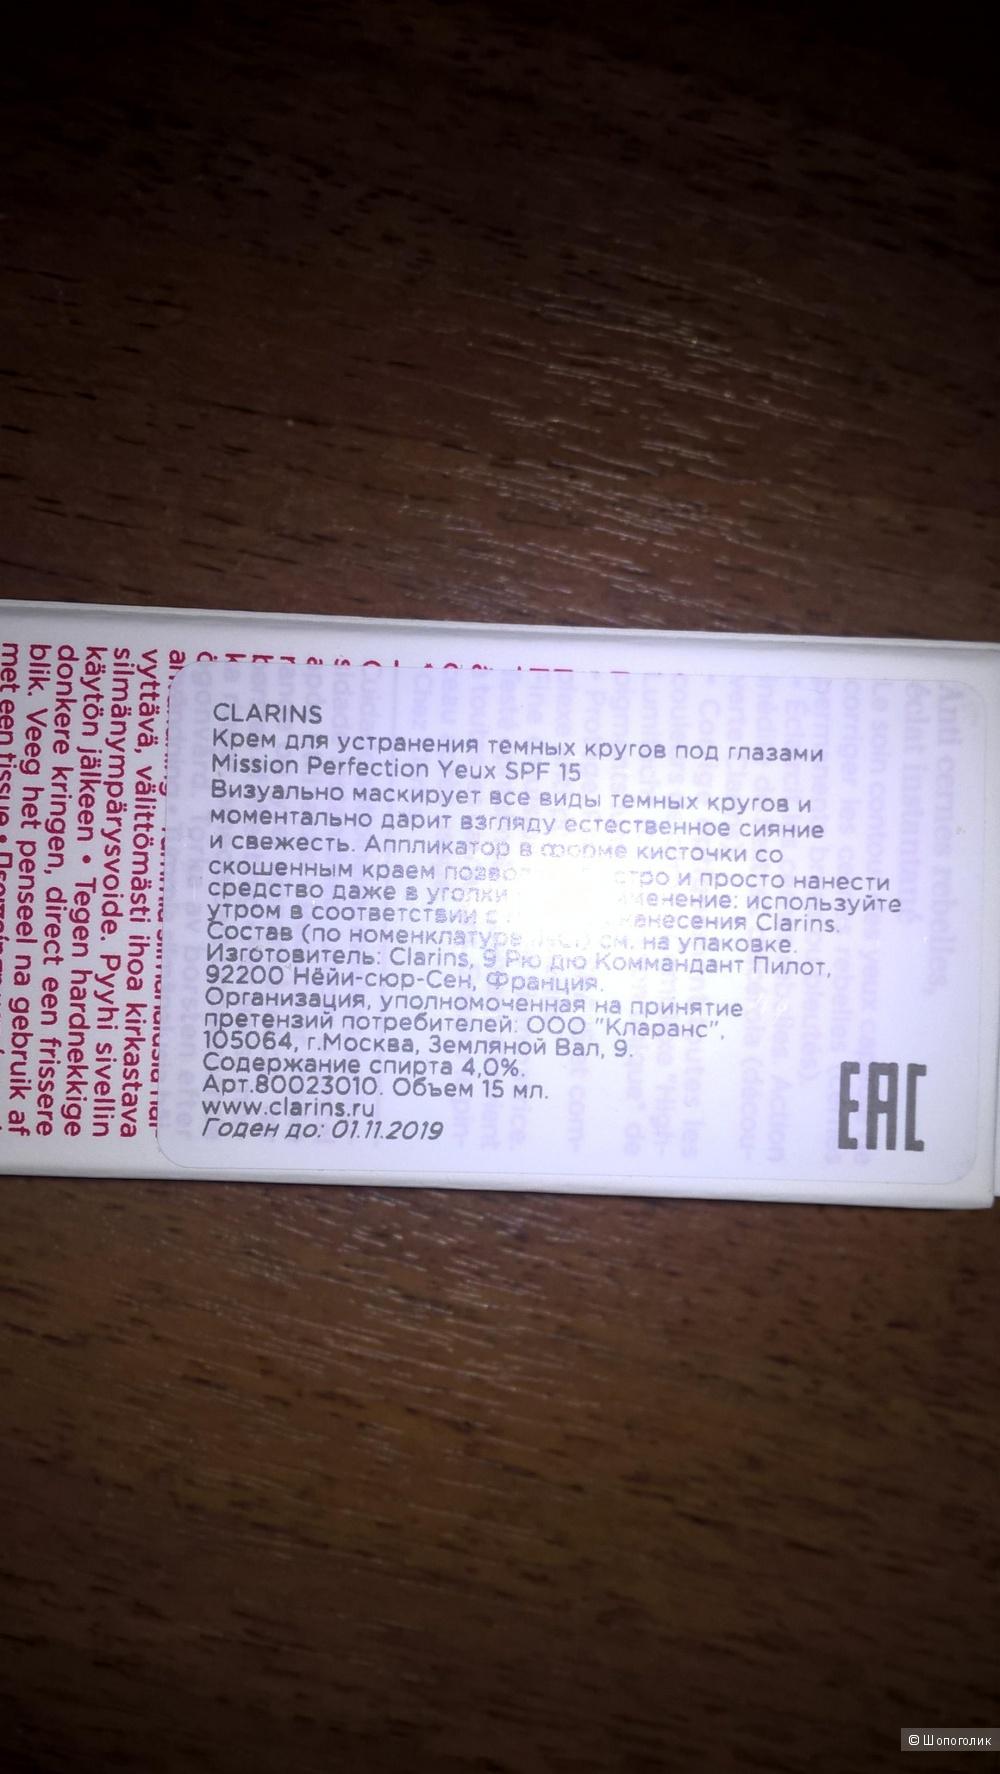 Крем для устранения темных кругов под глазами CLARINS Mission Perfection Yeux  SPF15, 15 ml